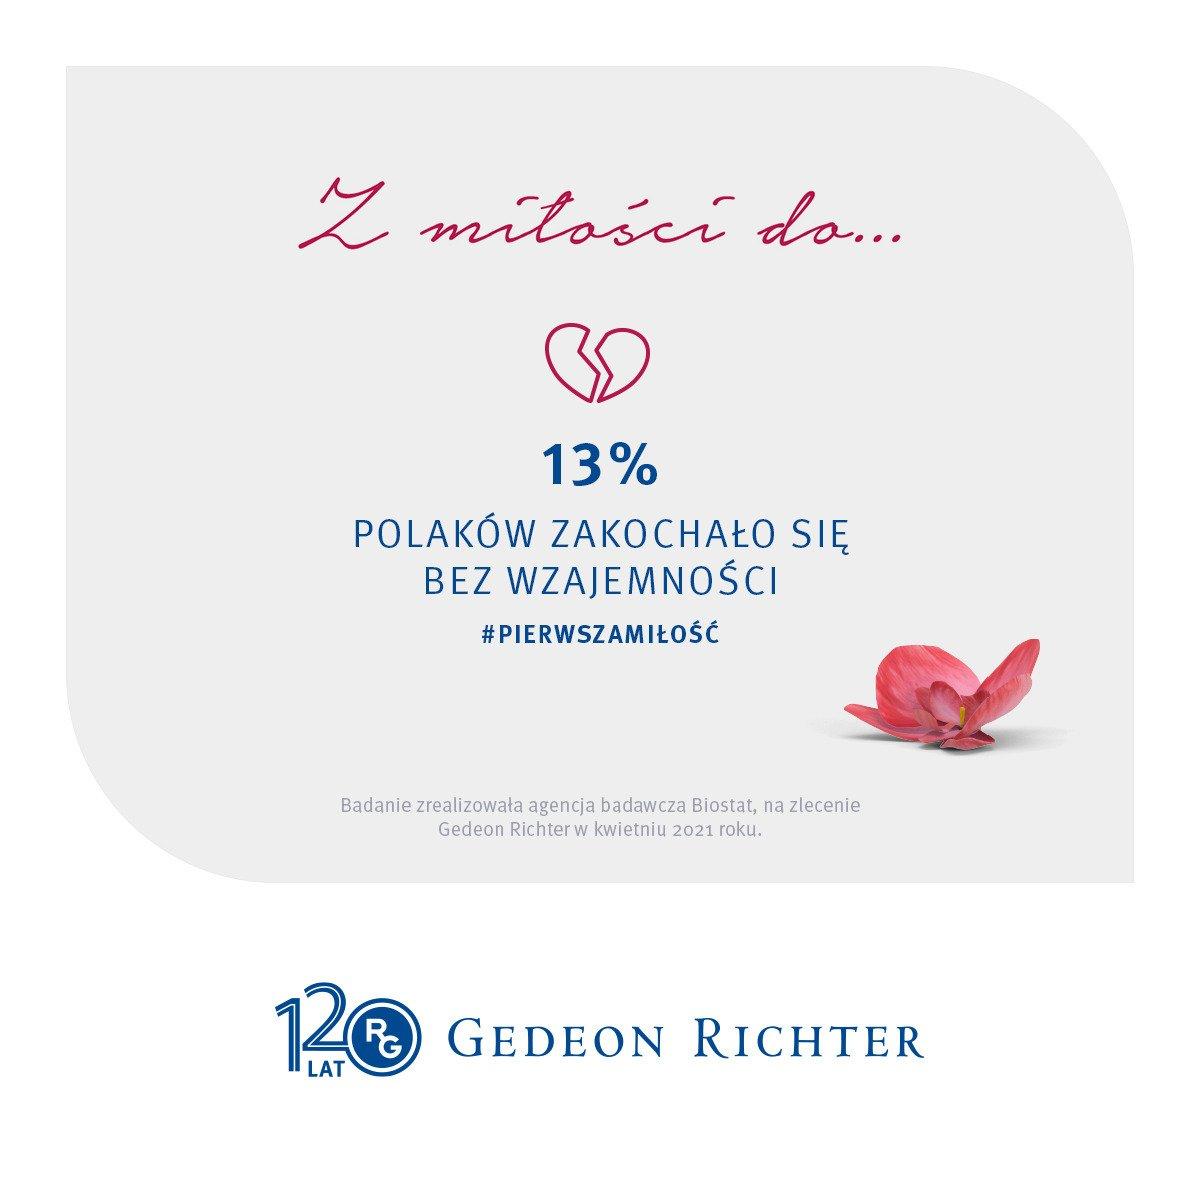 13 proc. Polaków zakochało się bez wzajemności! Jak postrzegamy swoją pierwszą miłość? Wyniki ogólnopolskiego badania